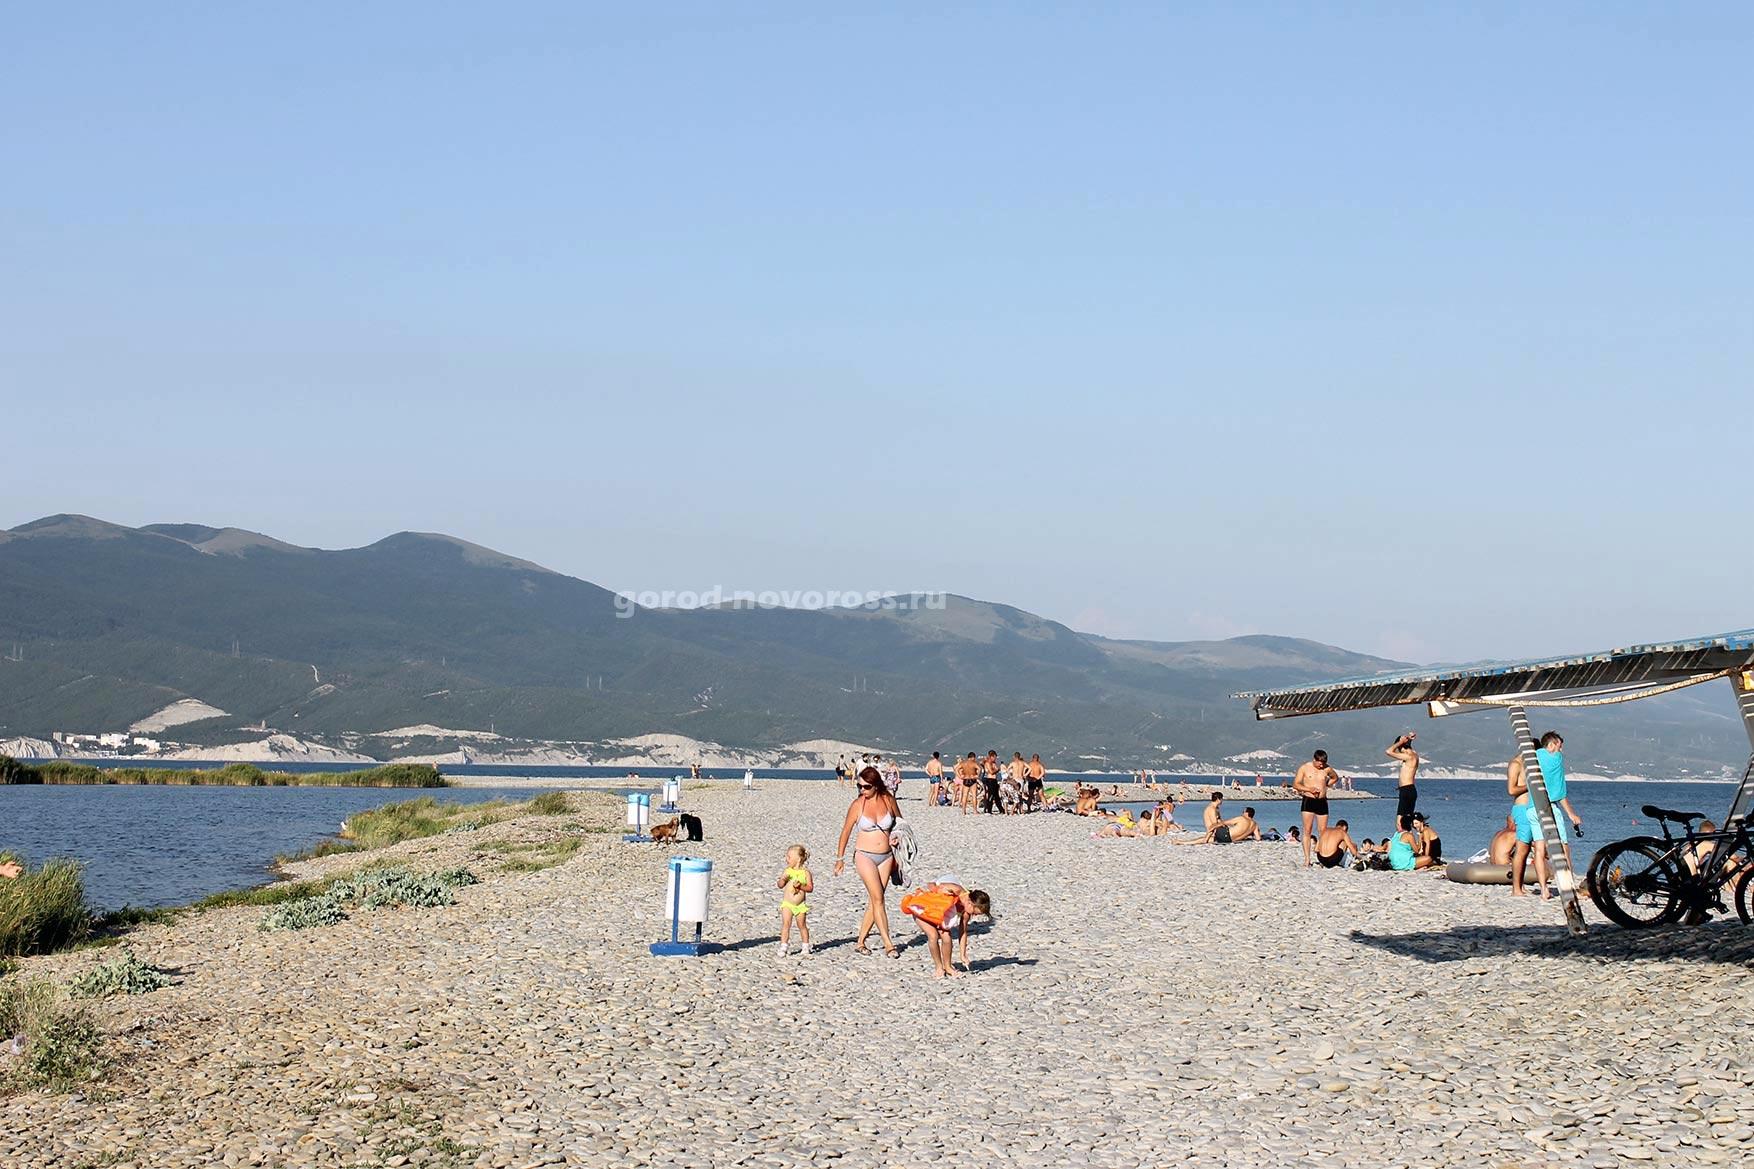 Пляжи Новороссийска отзывы и фото, путеводитель по 83